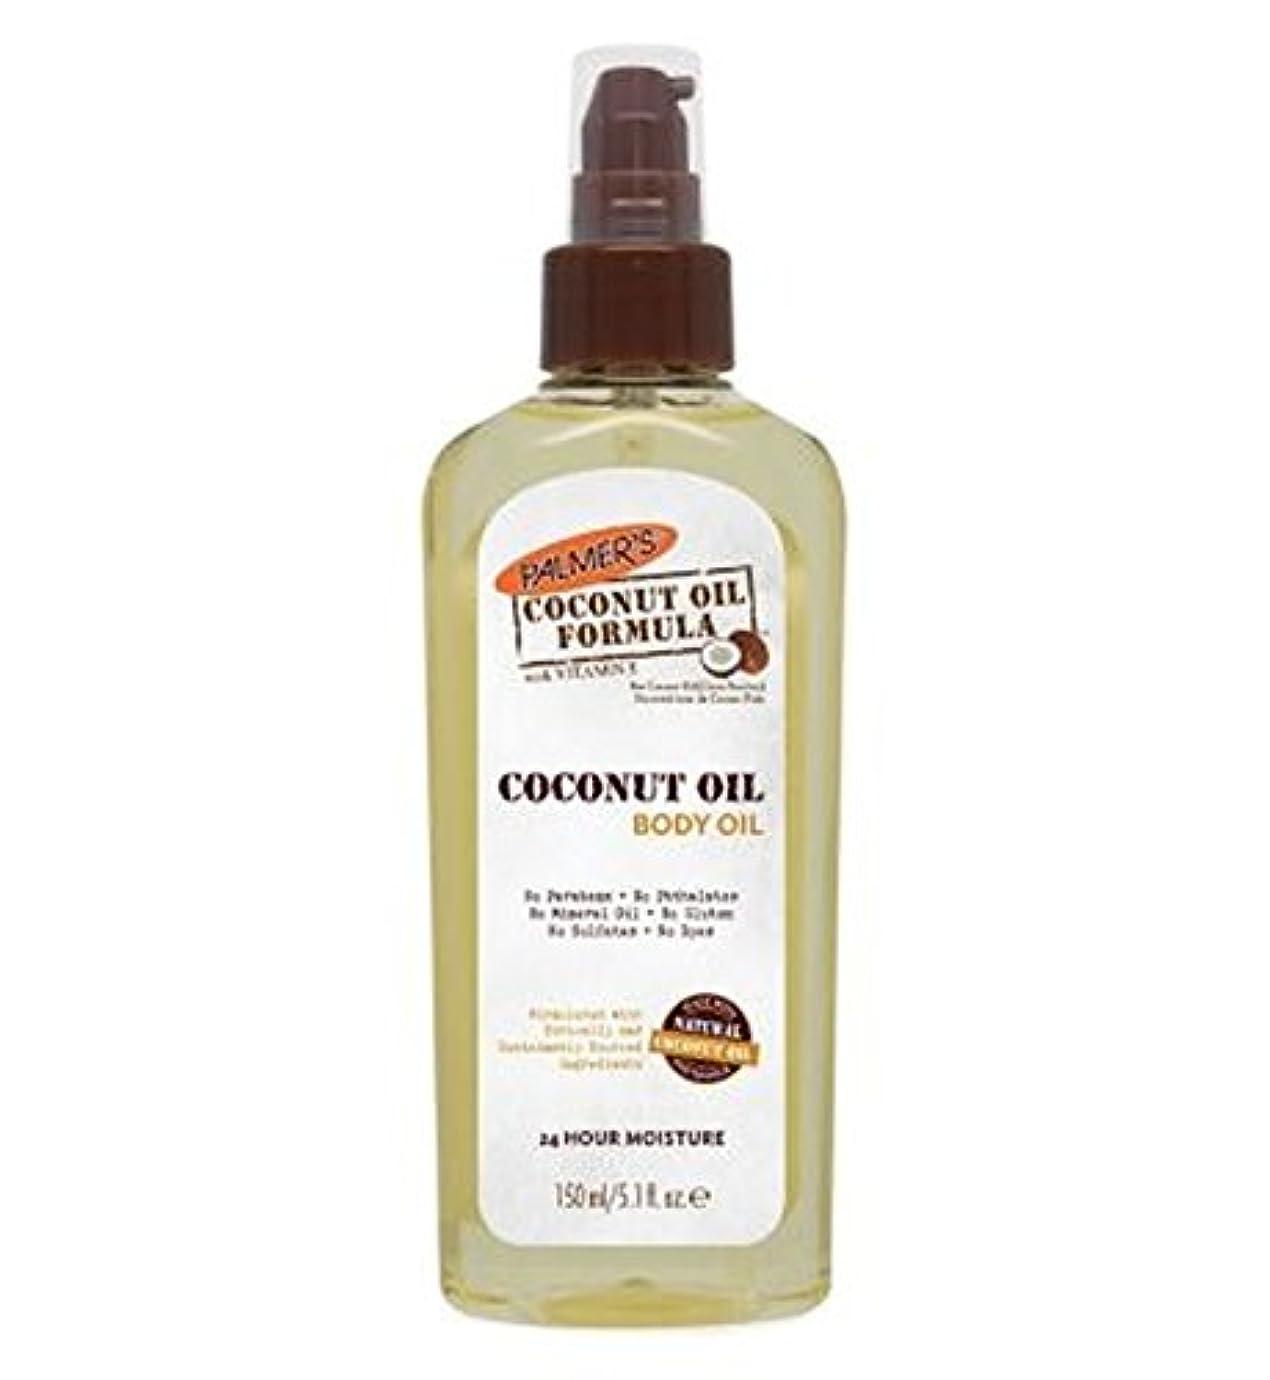 必要としているシンプルなとティームPalmer's Coconut Oil Formula Body Oil 150ml - パーマーのココナッツオイル式ボディオイル150ミリリットル (Palmer's) [並行輸入品]